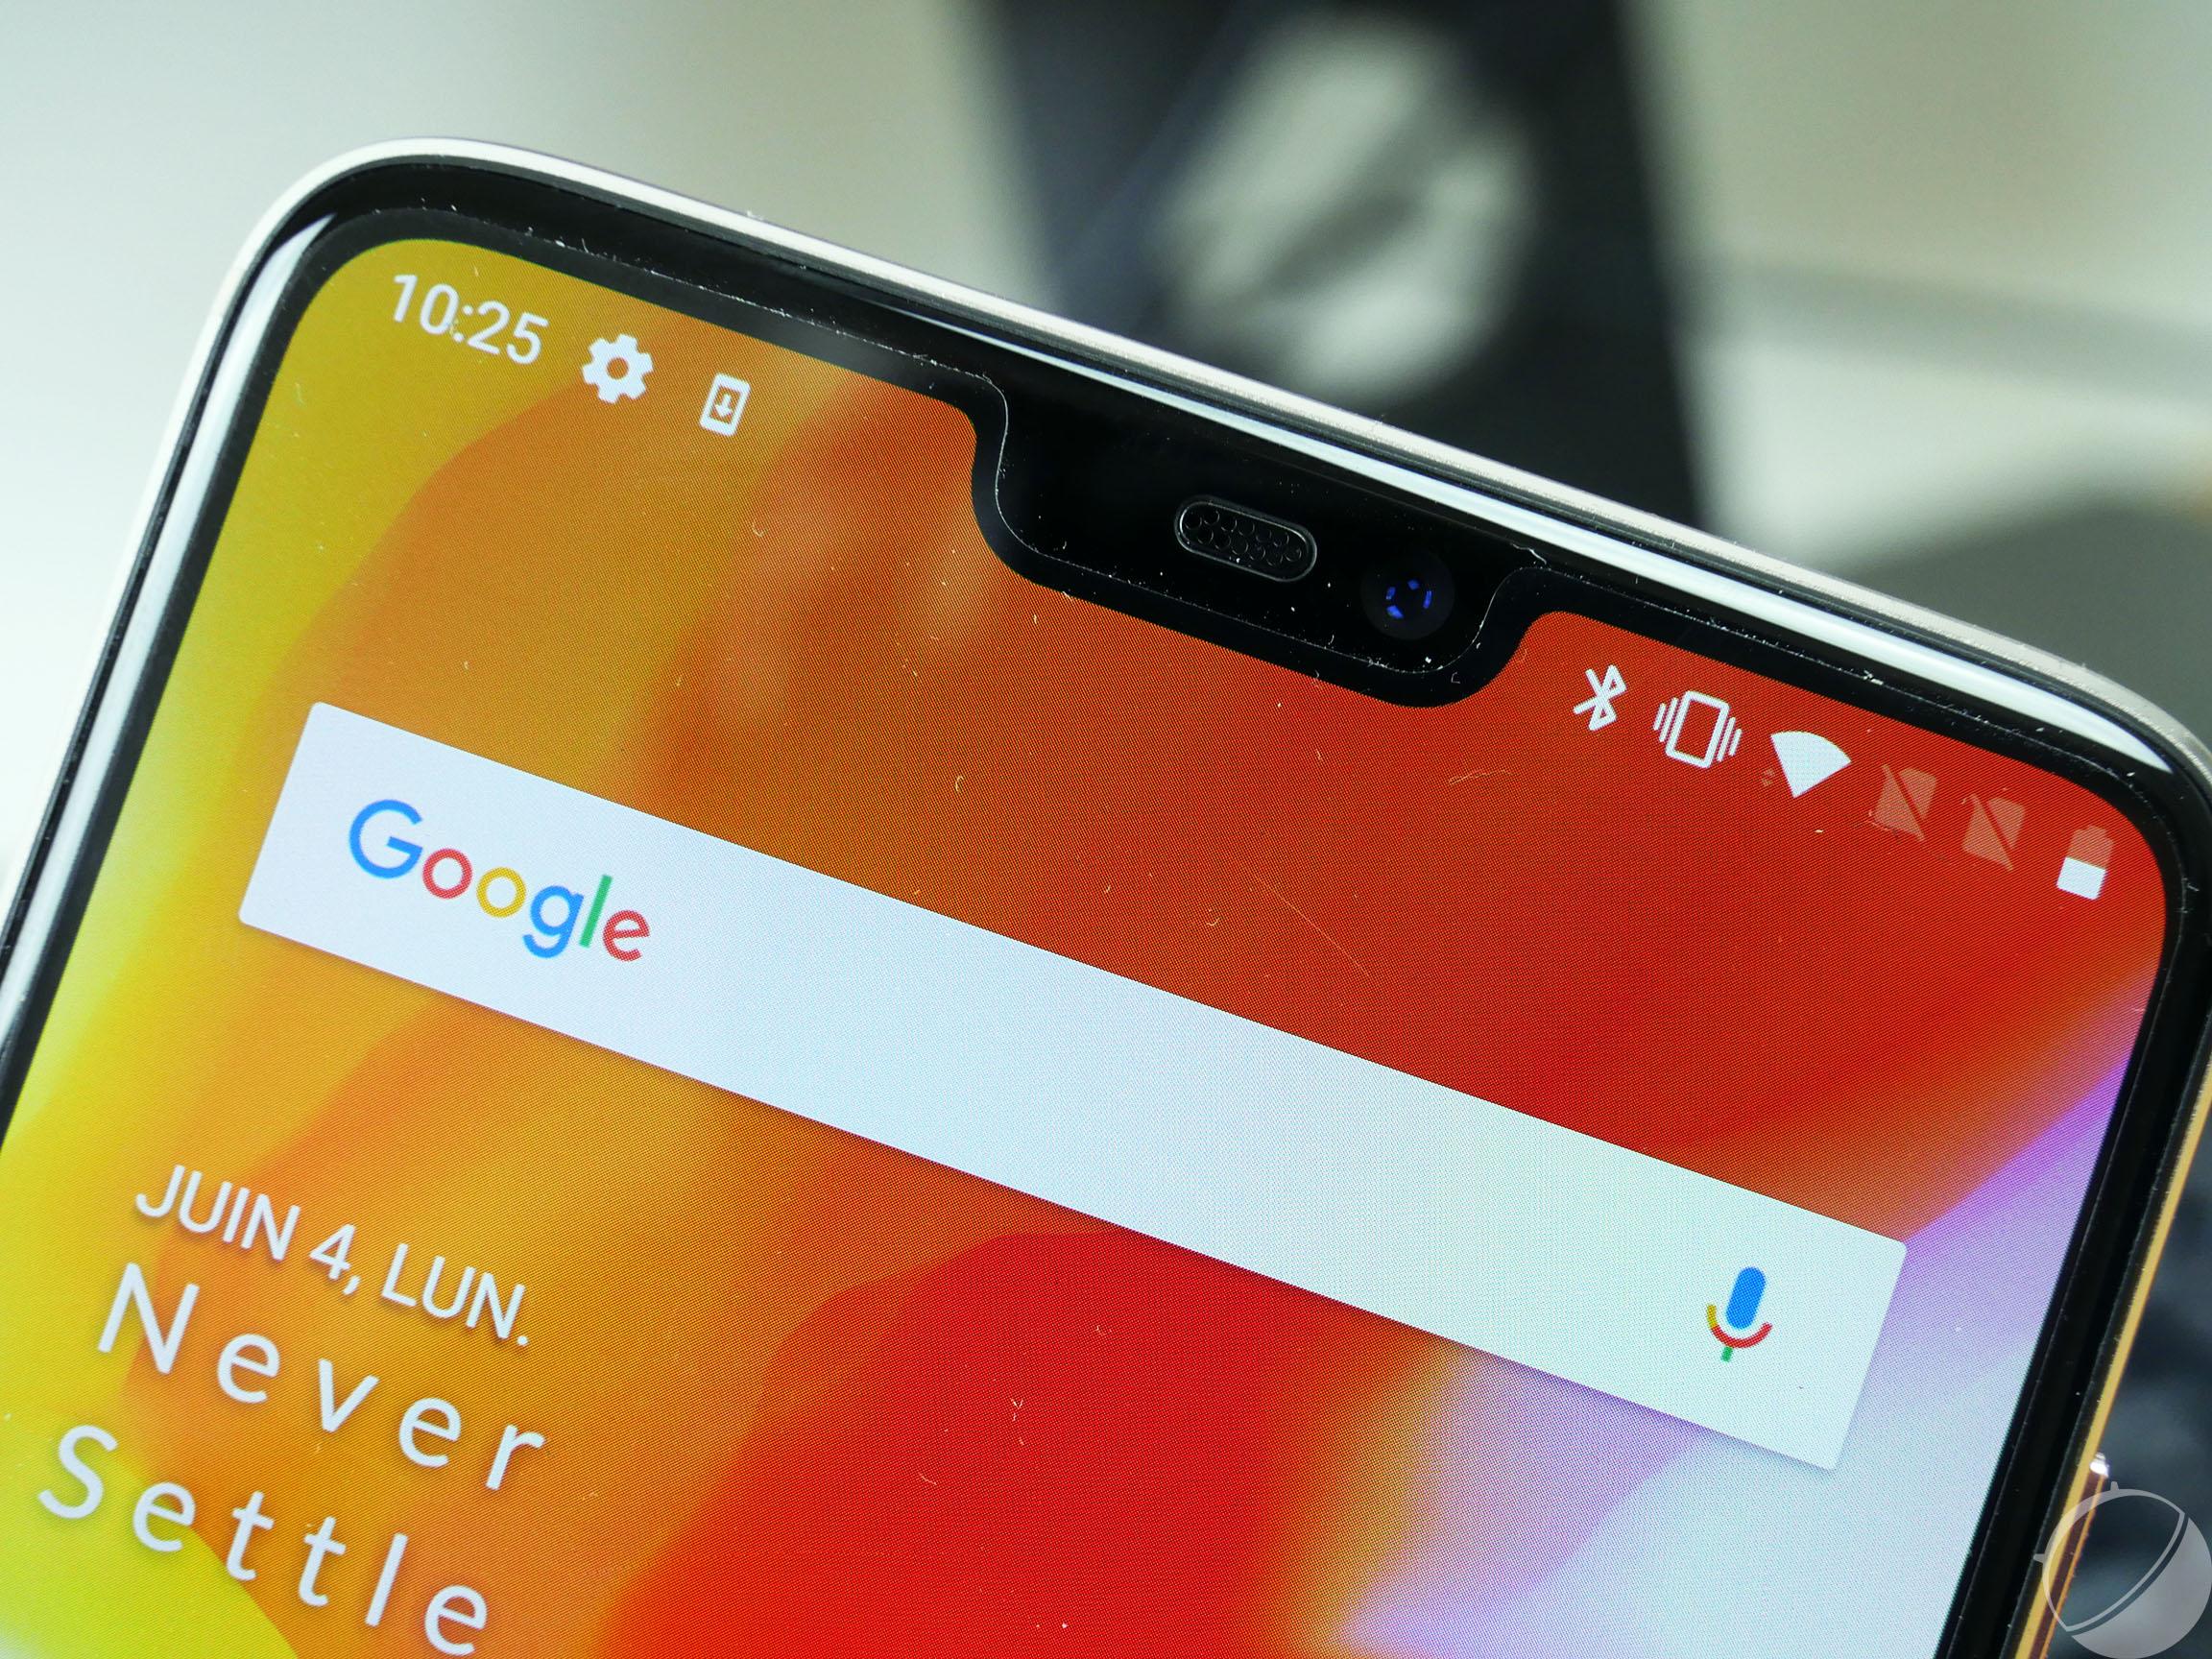 Le OnePlus 7 devrait faire partie des premiers smartphones compatibles 5G